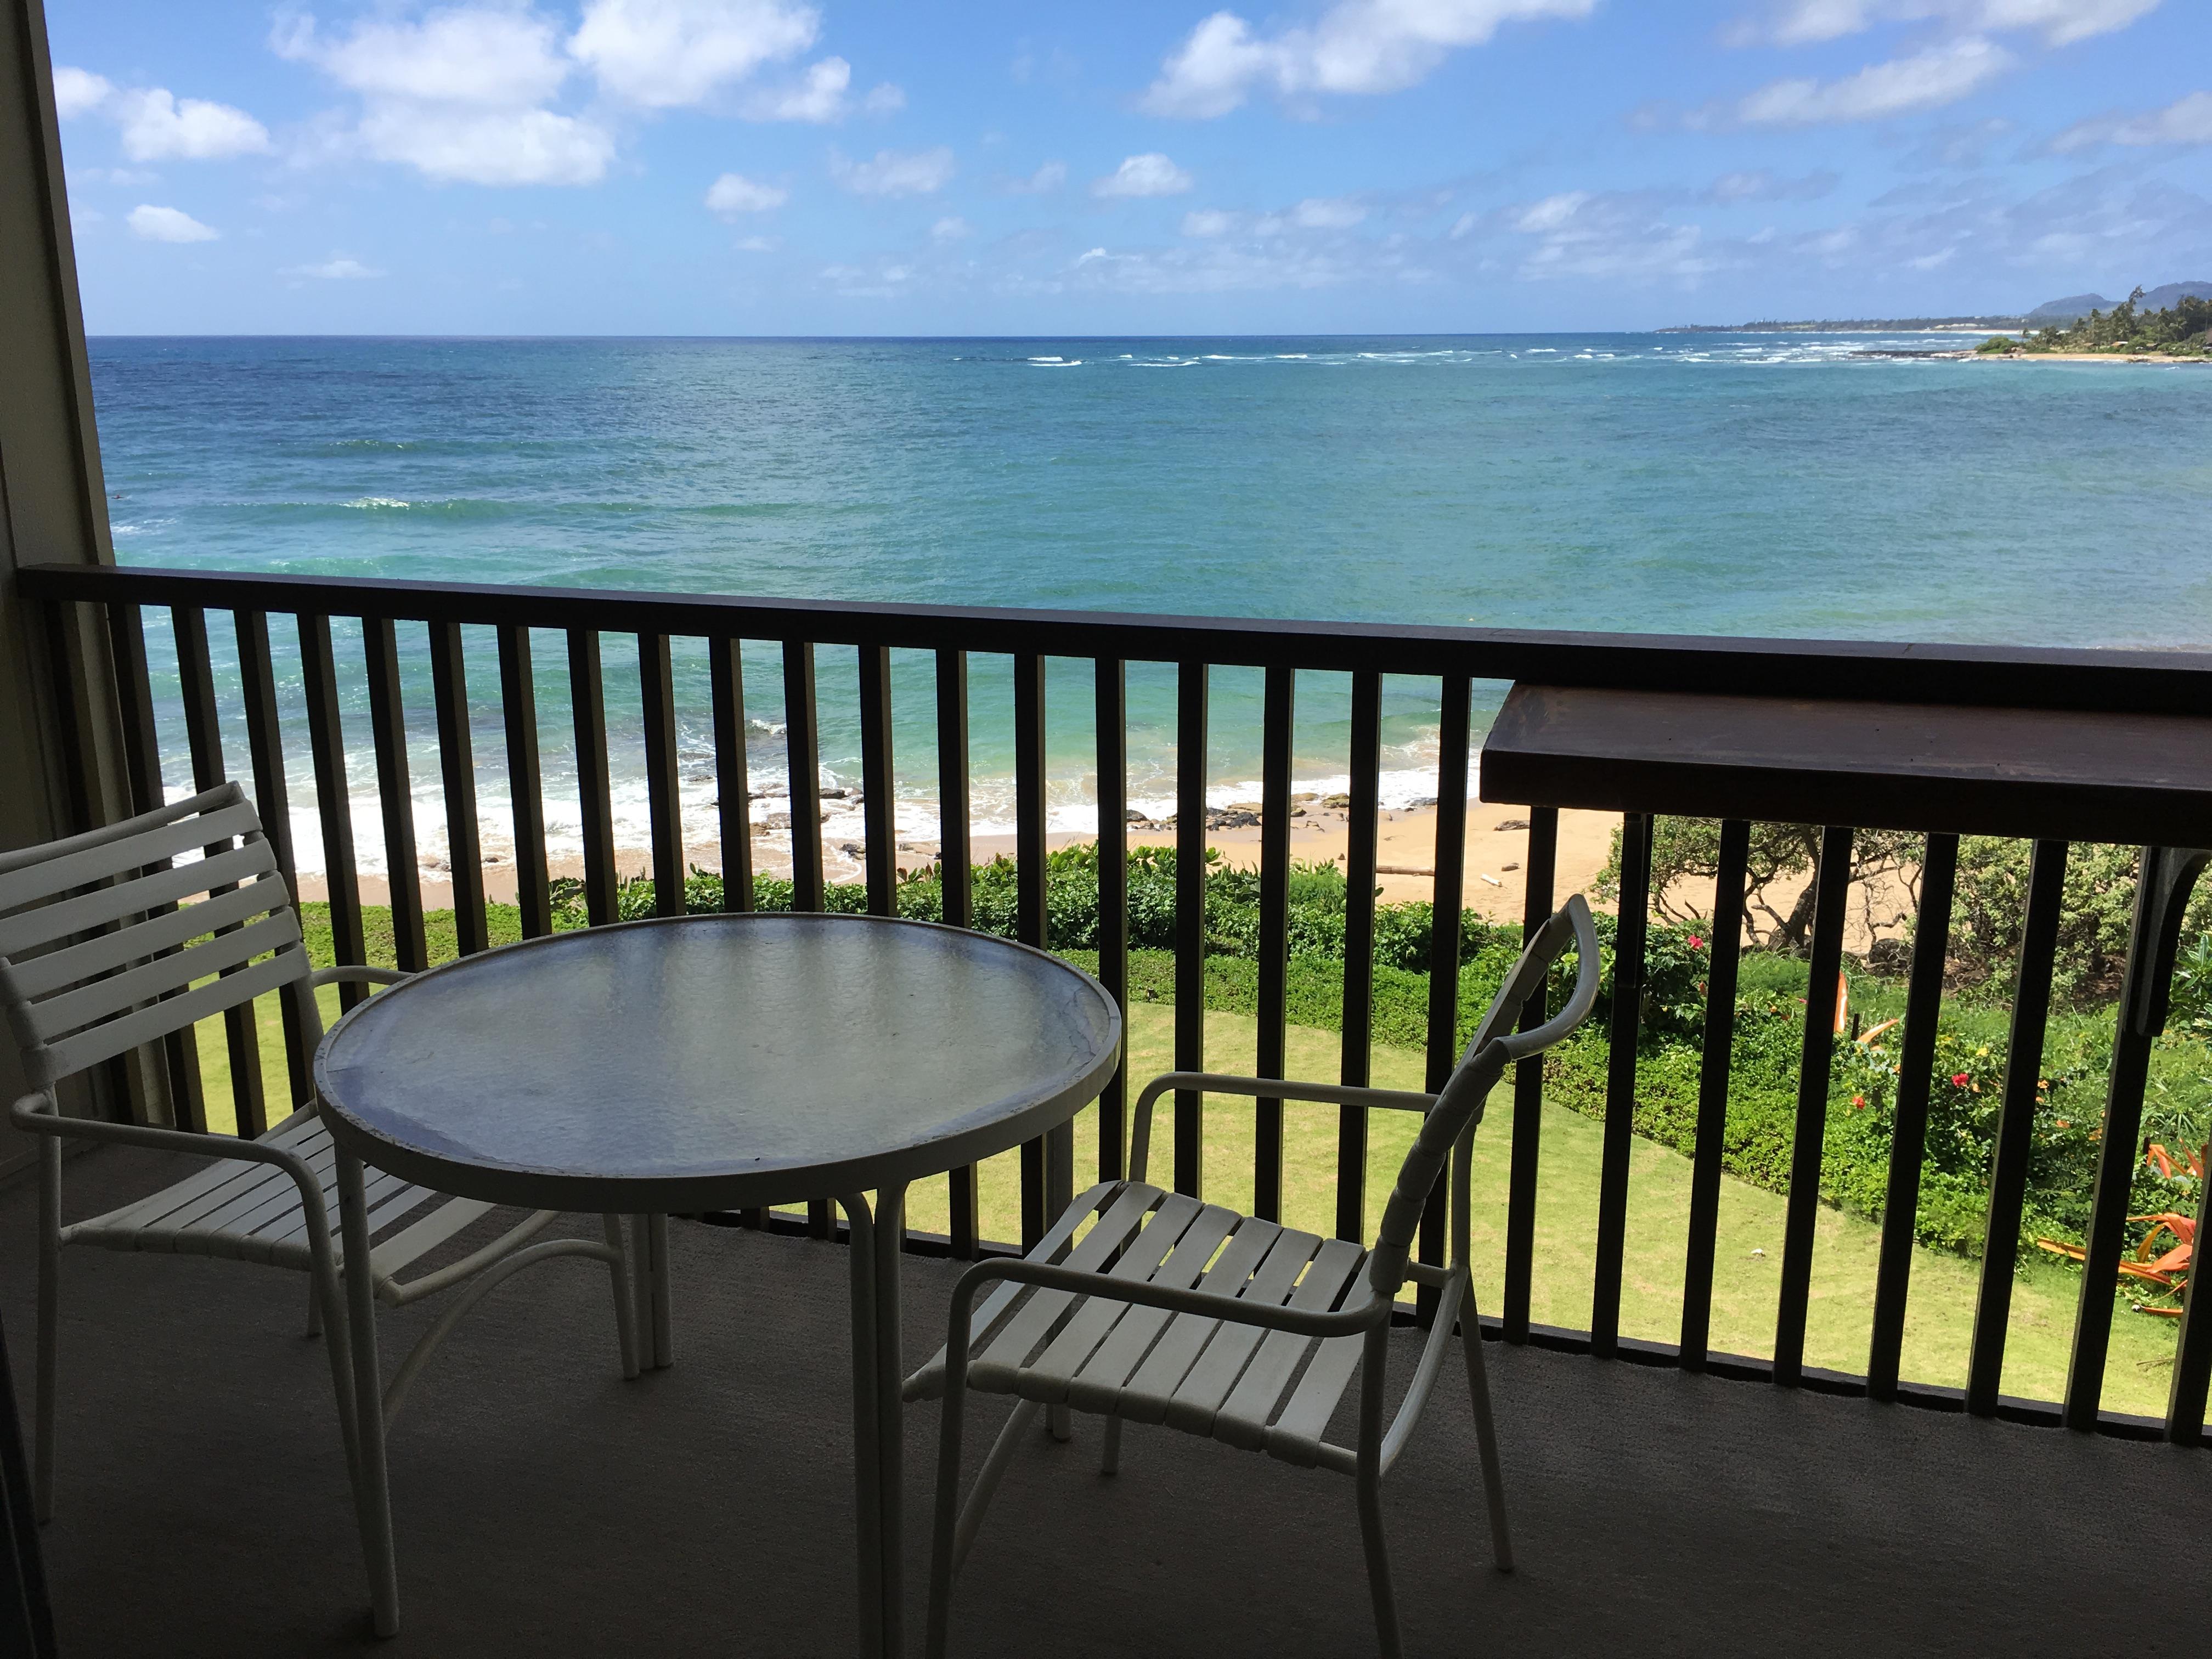 Wailua Bay View 206 Ocean View